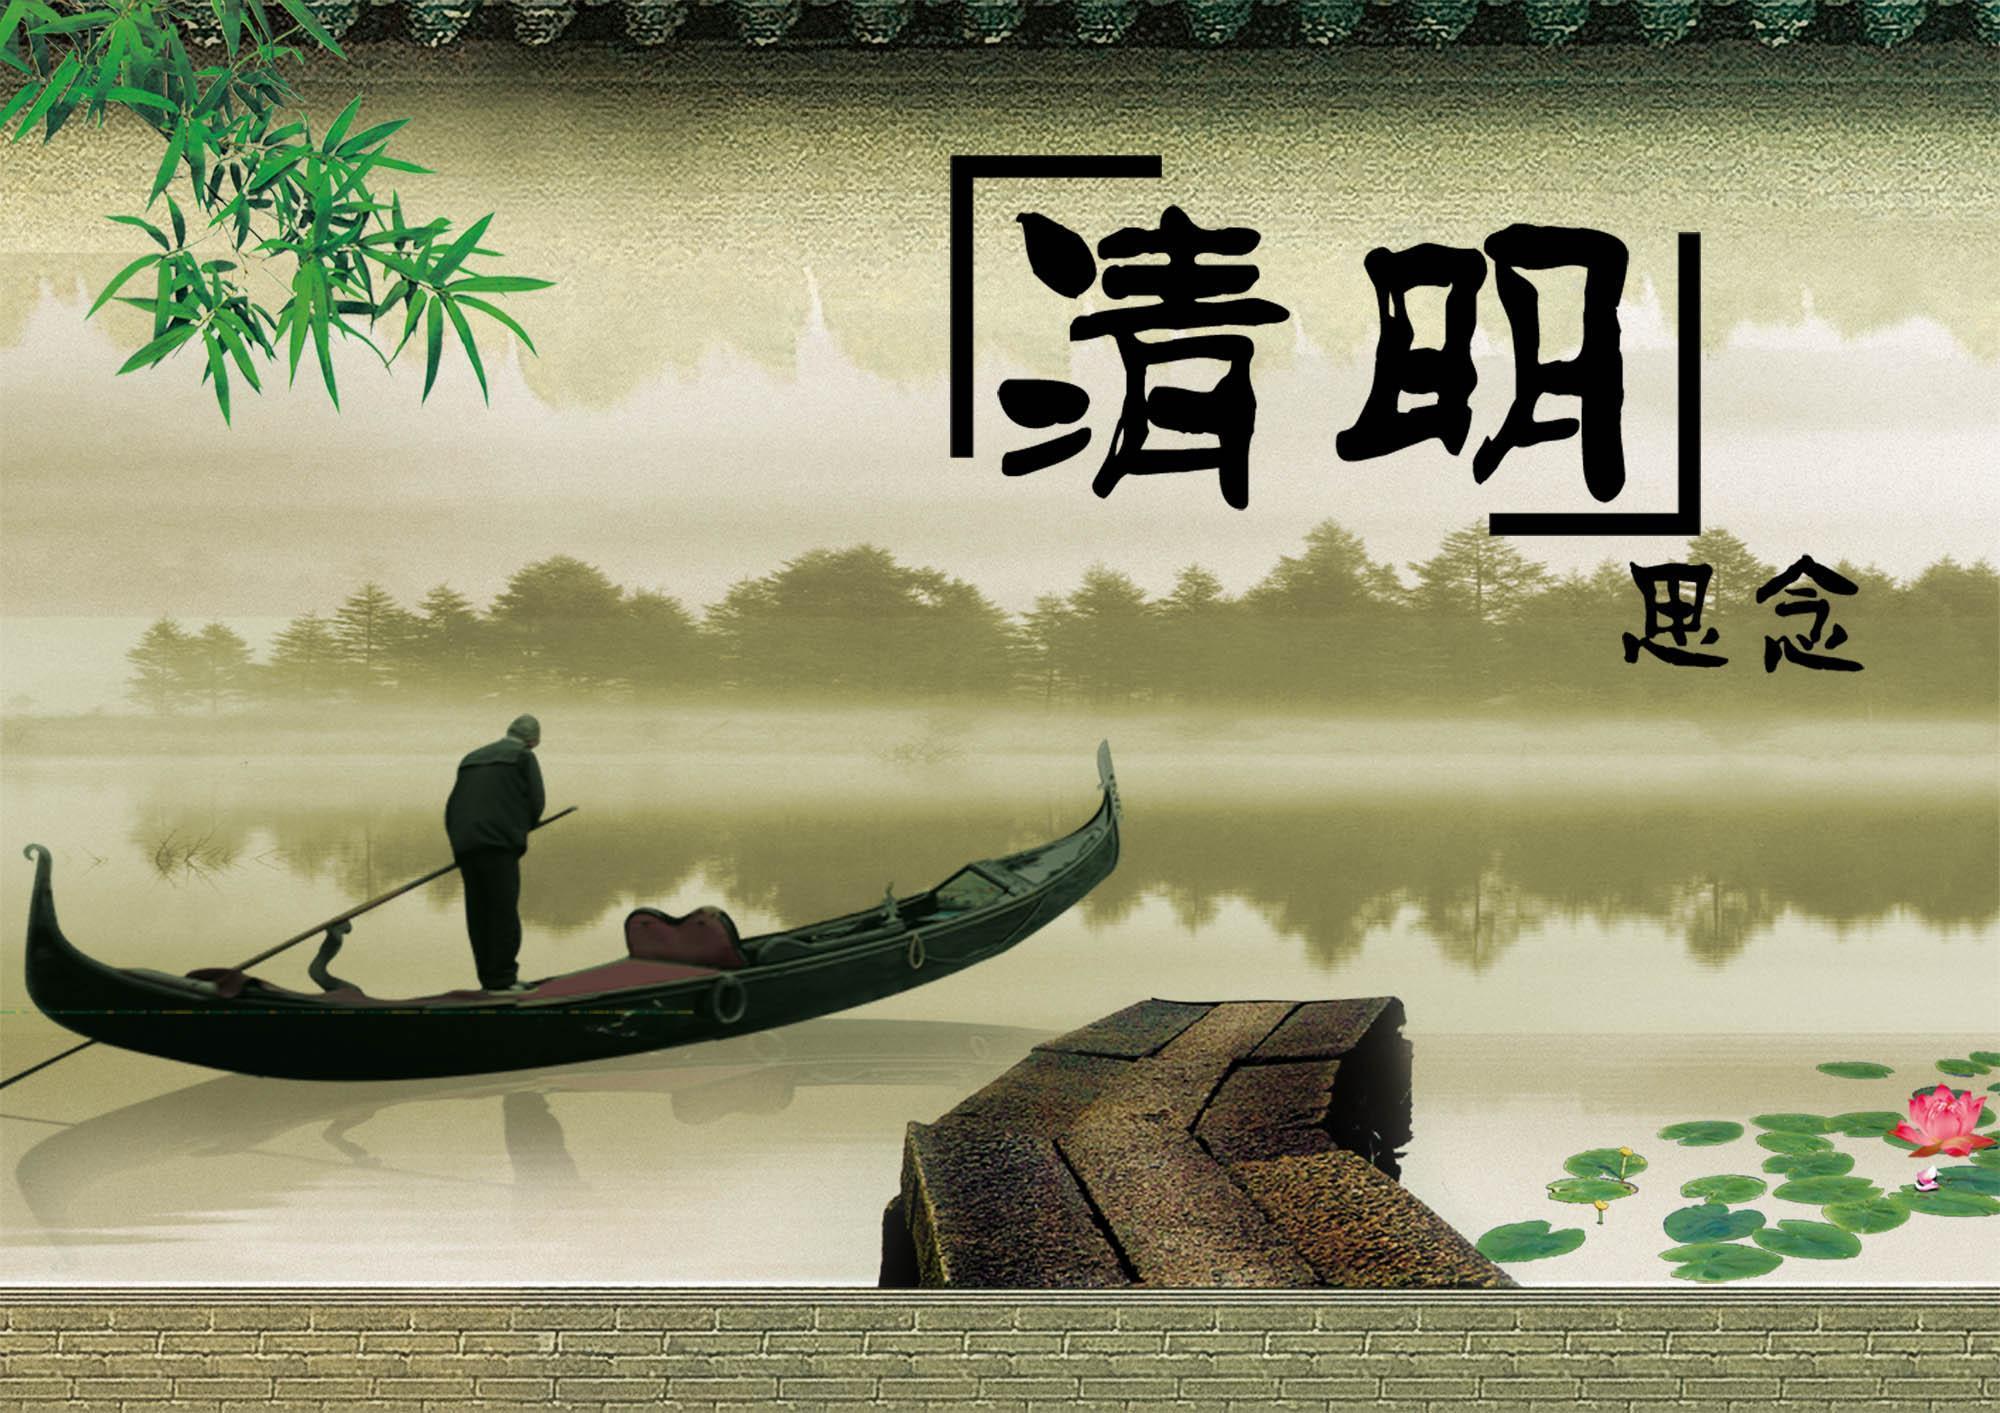 清明节 (中国传统节日)